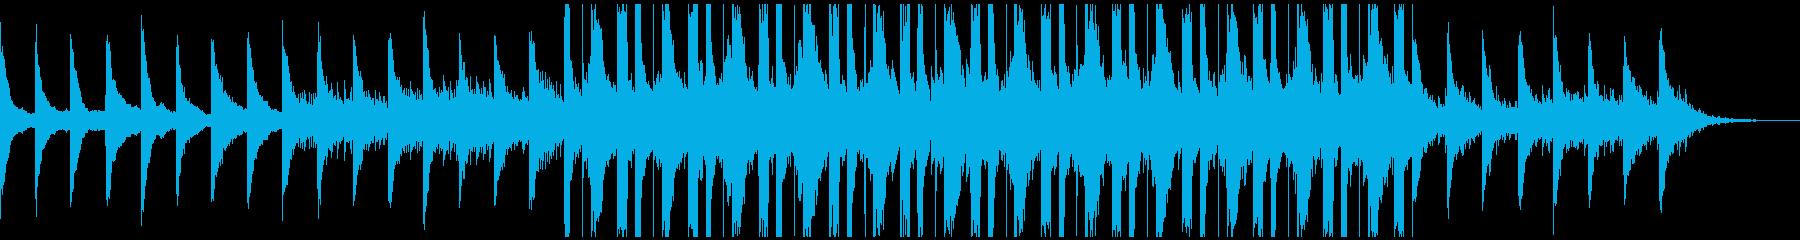 ピアノとベルの奥深い優しく穏やかな曲の再生済みの波形